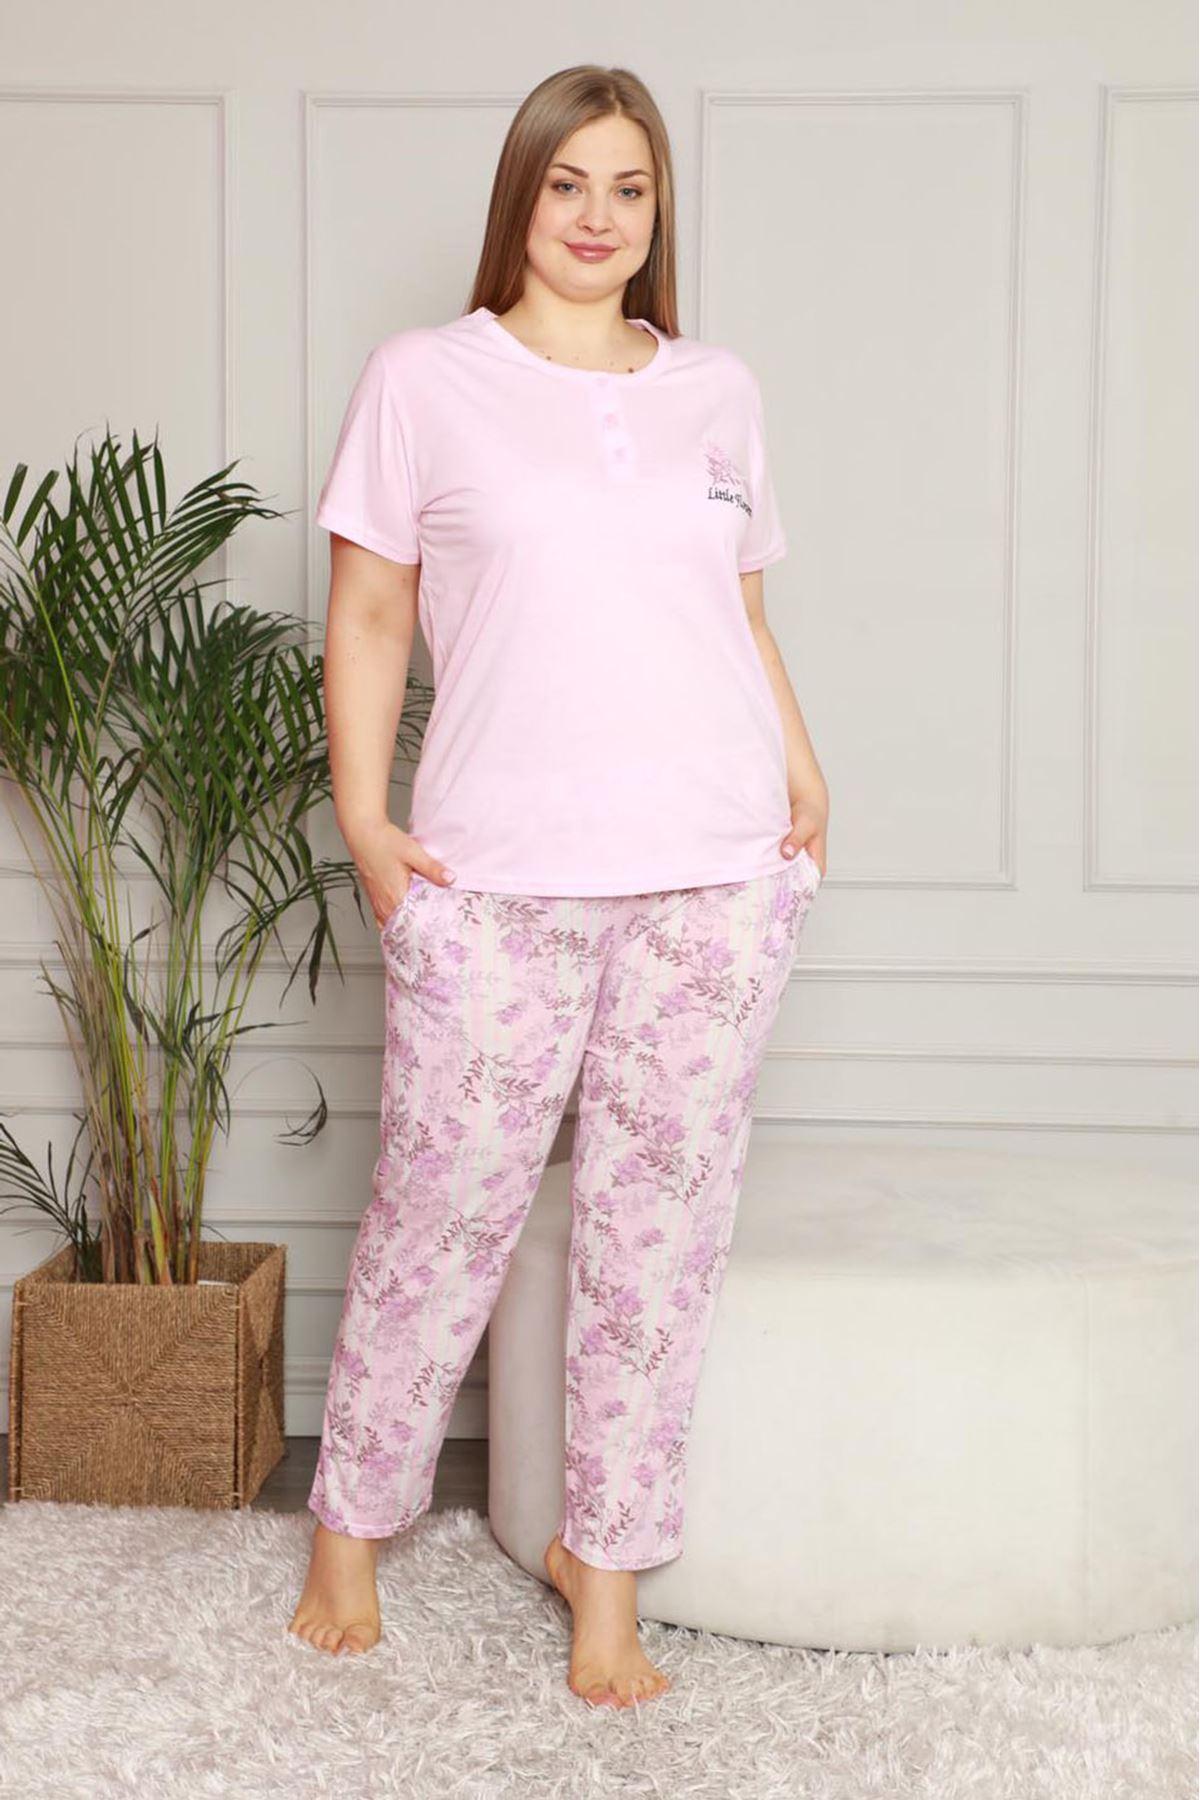 Yazlık Geniş Kesim Büyük Beden Pijama Takımı 26B-1621